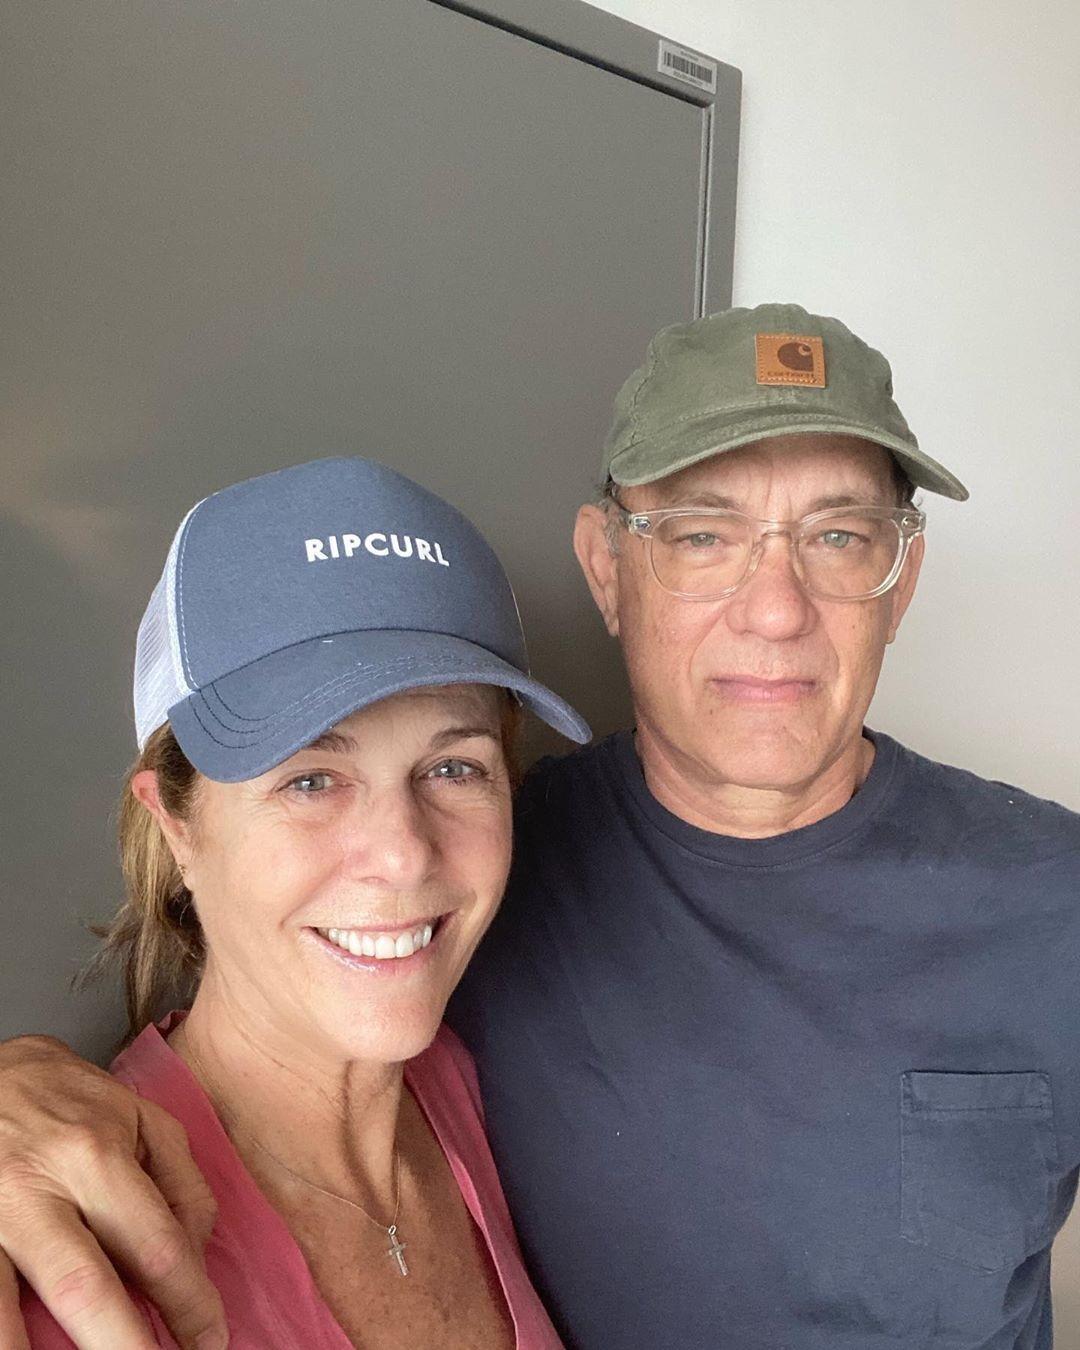 Tom Hanks, recuperado da Covid-19, mostra bolsa de plasma doado para pesquisas sobre doença: 'Tão fácil quanto tirar uma soneca'